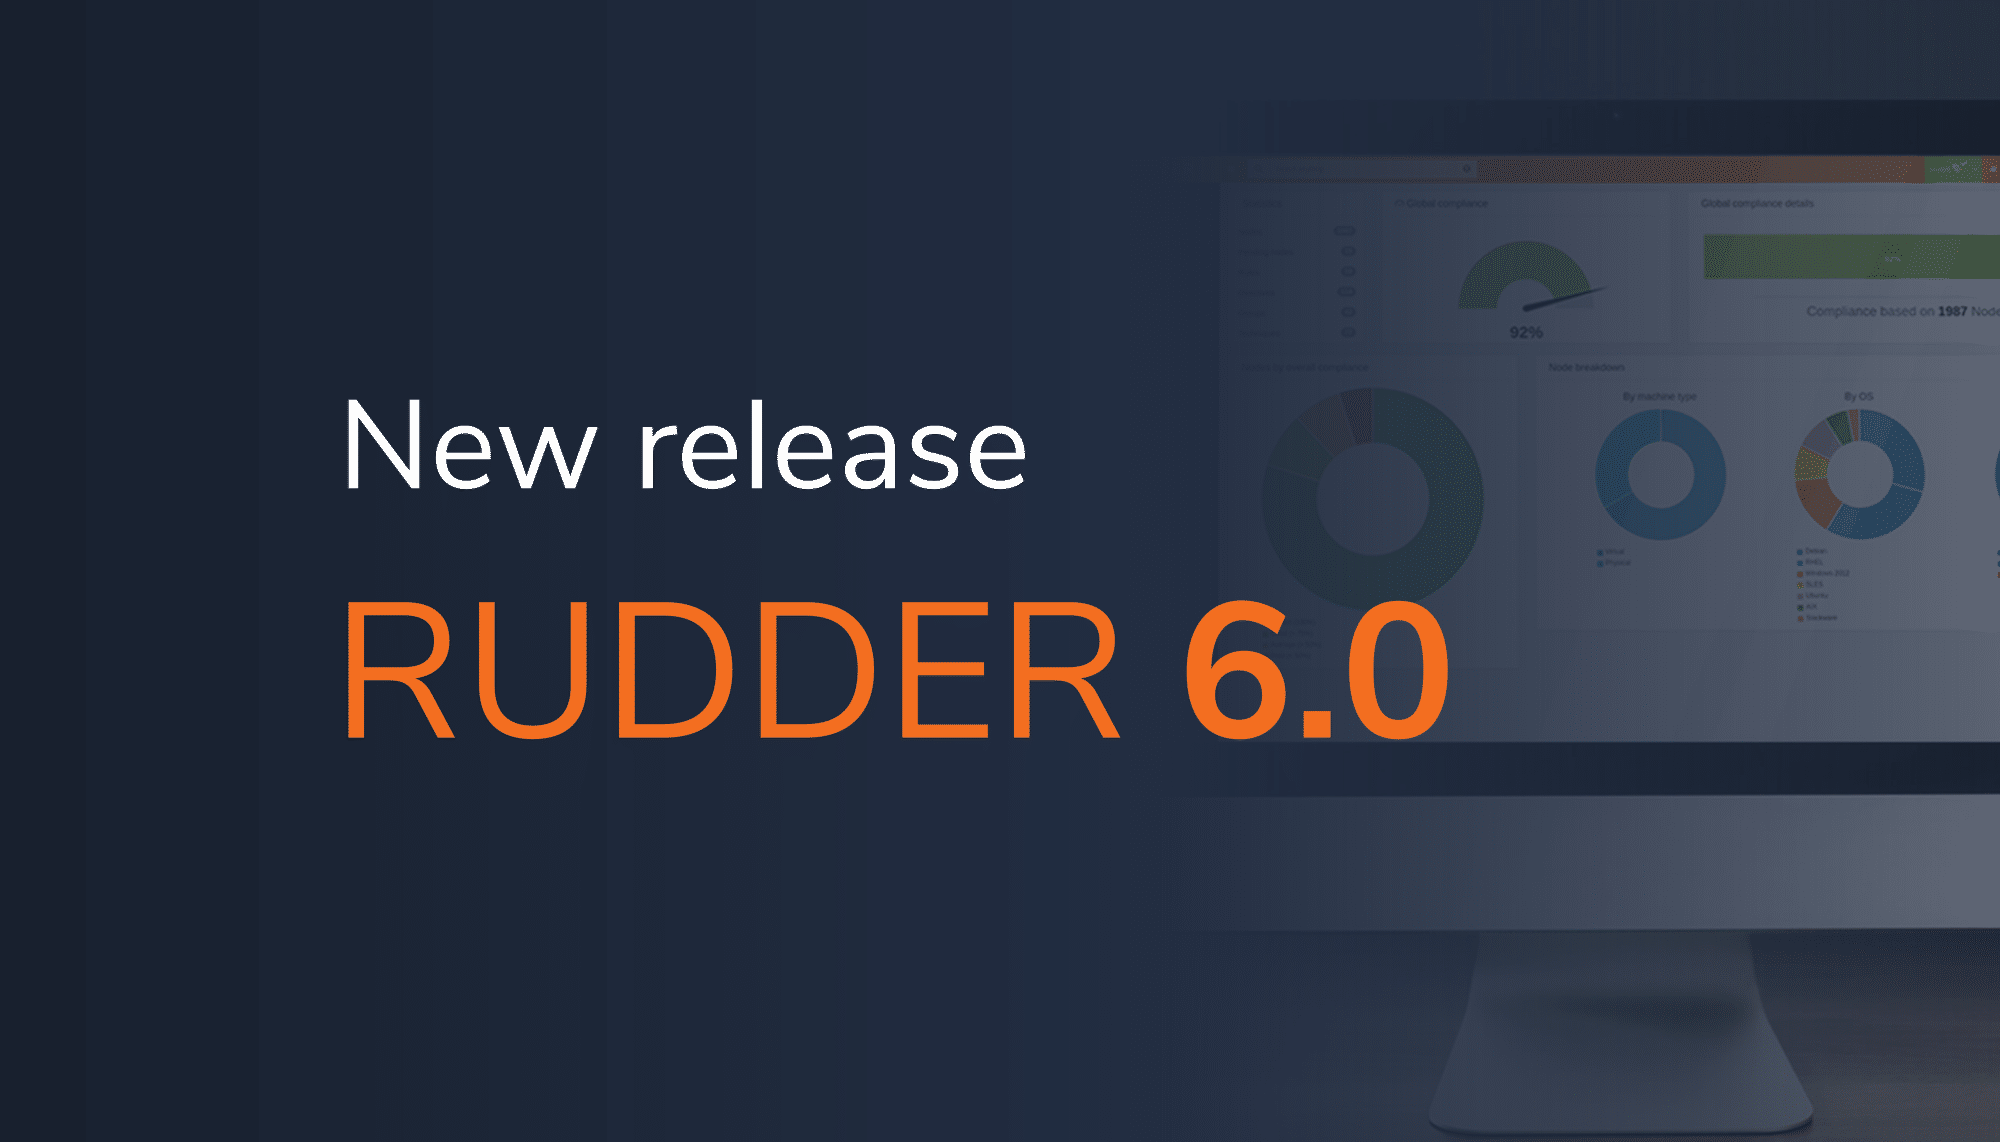 RUDDER 6.0 release